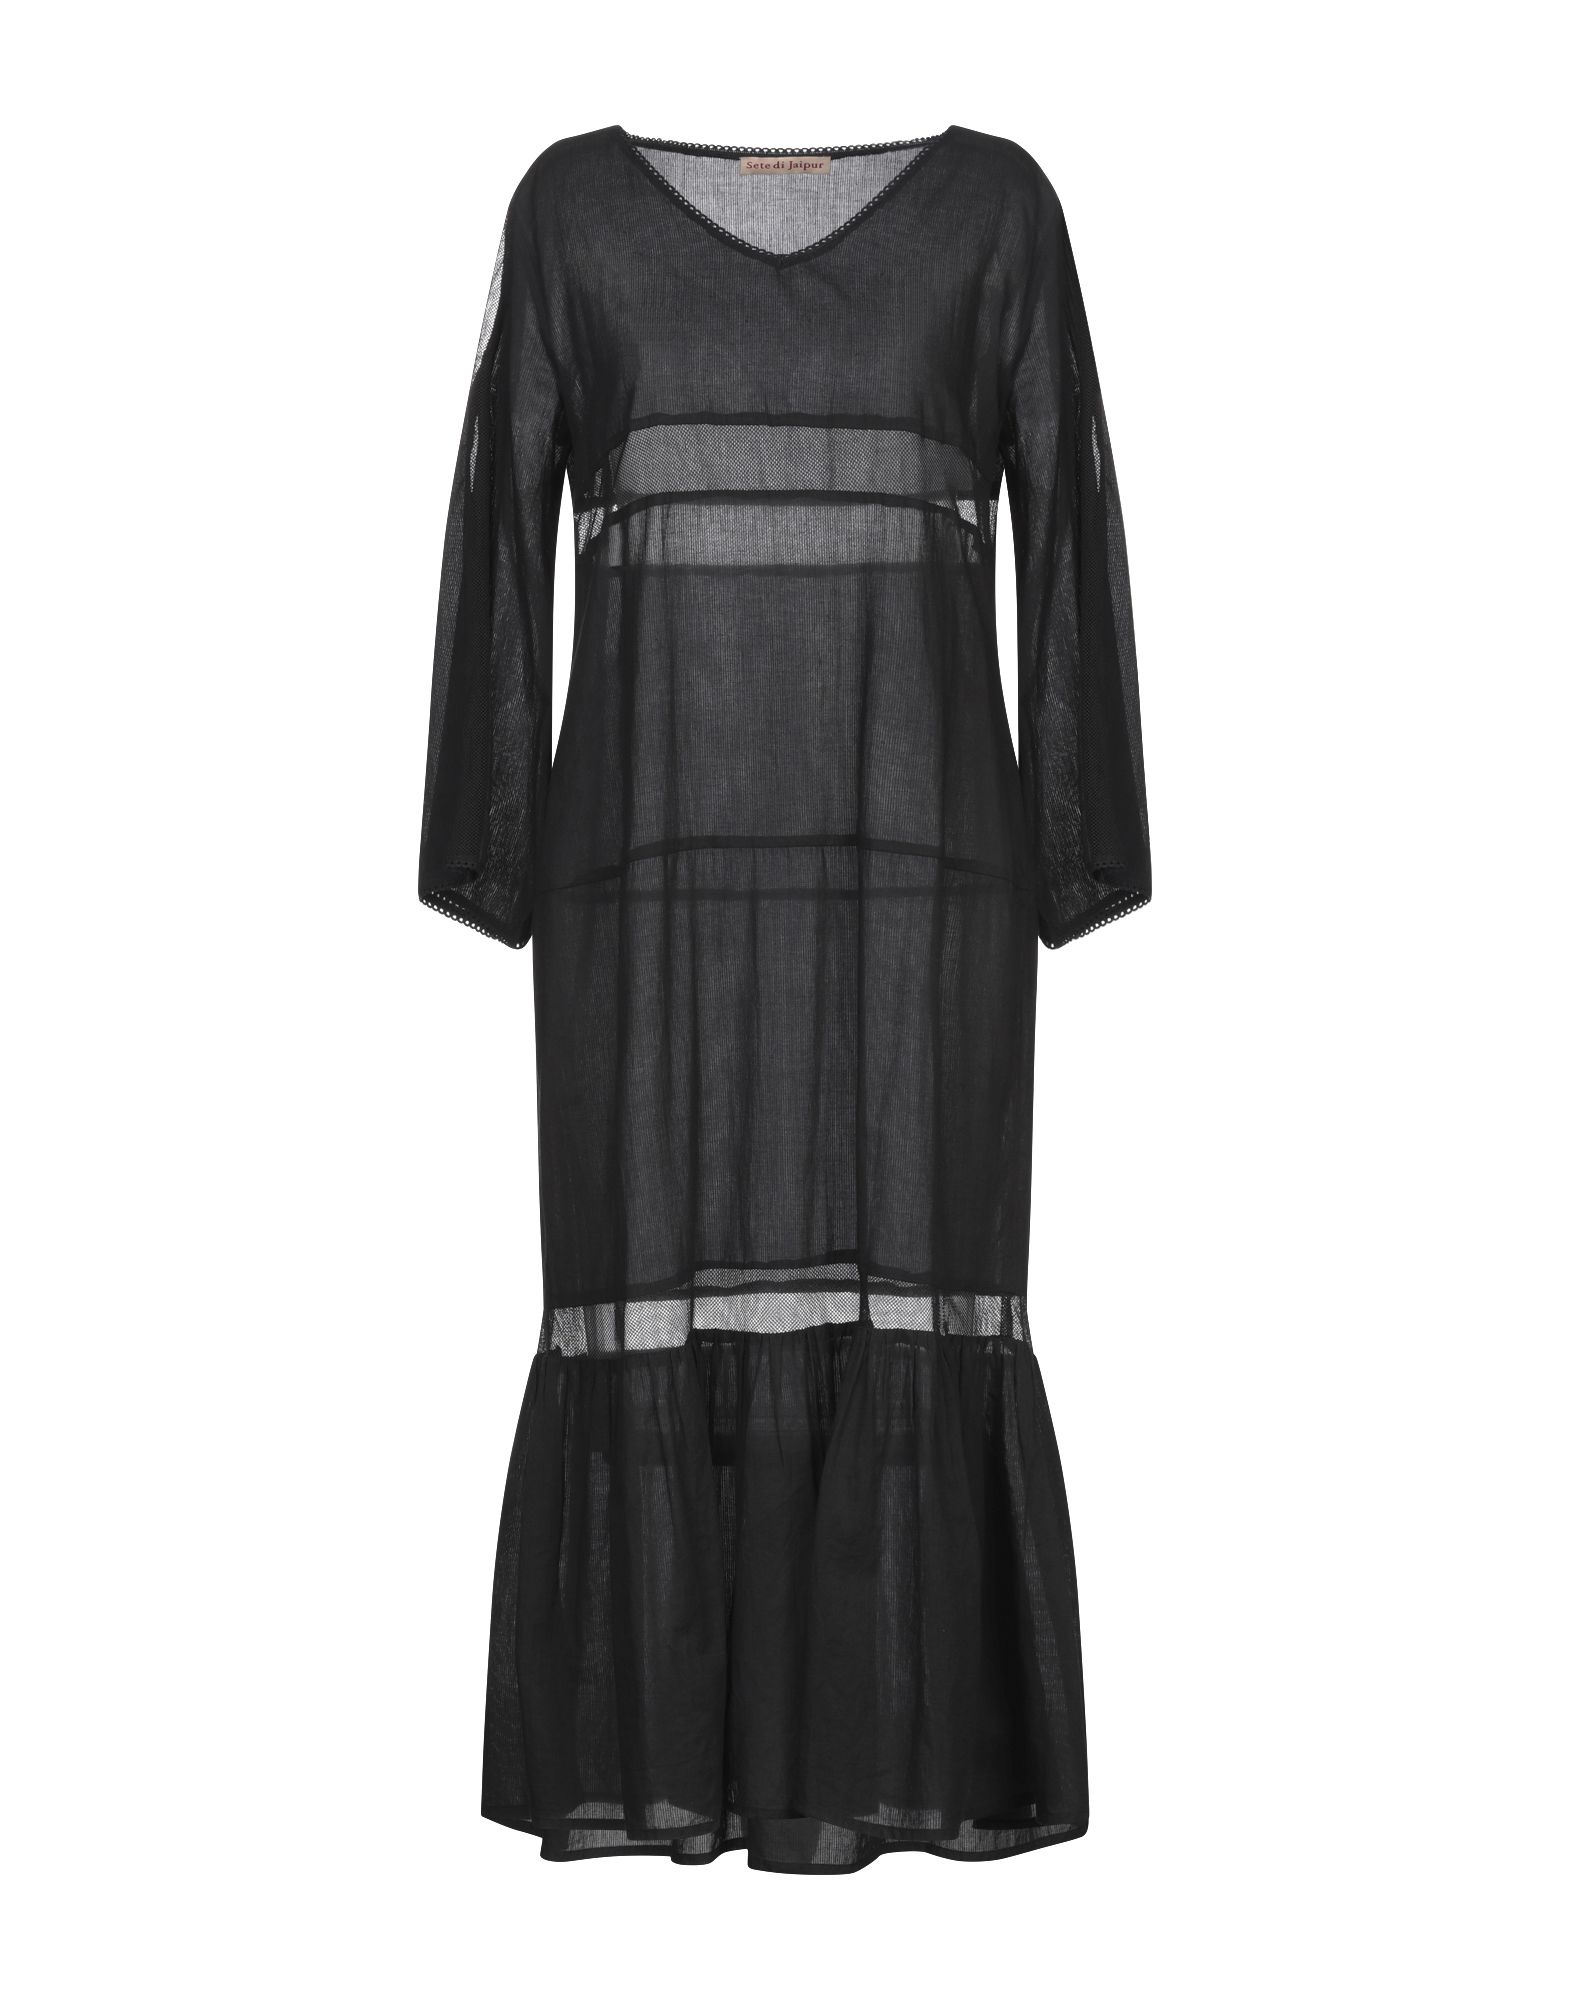 SETE DI JAIPUR Платье длиной 3/4